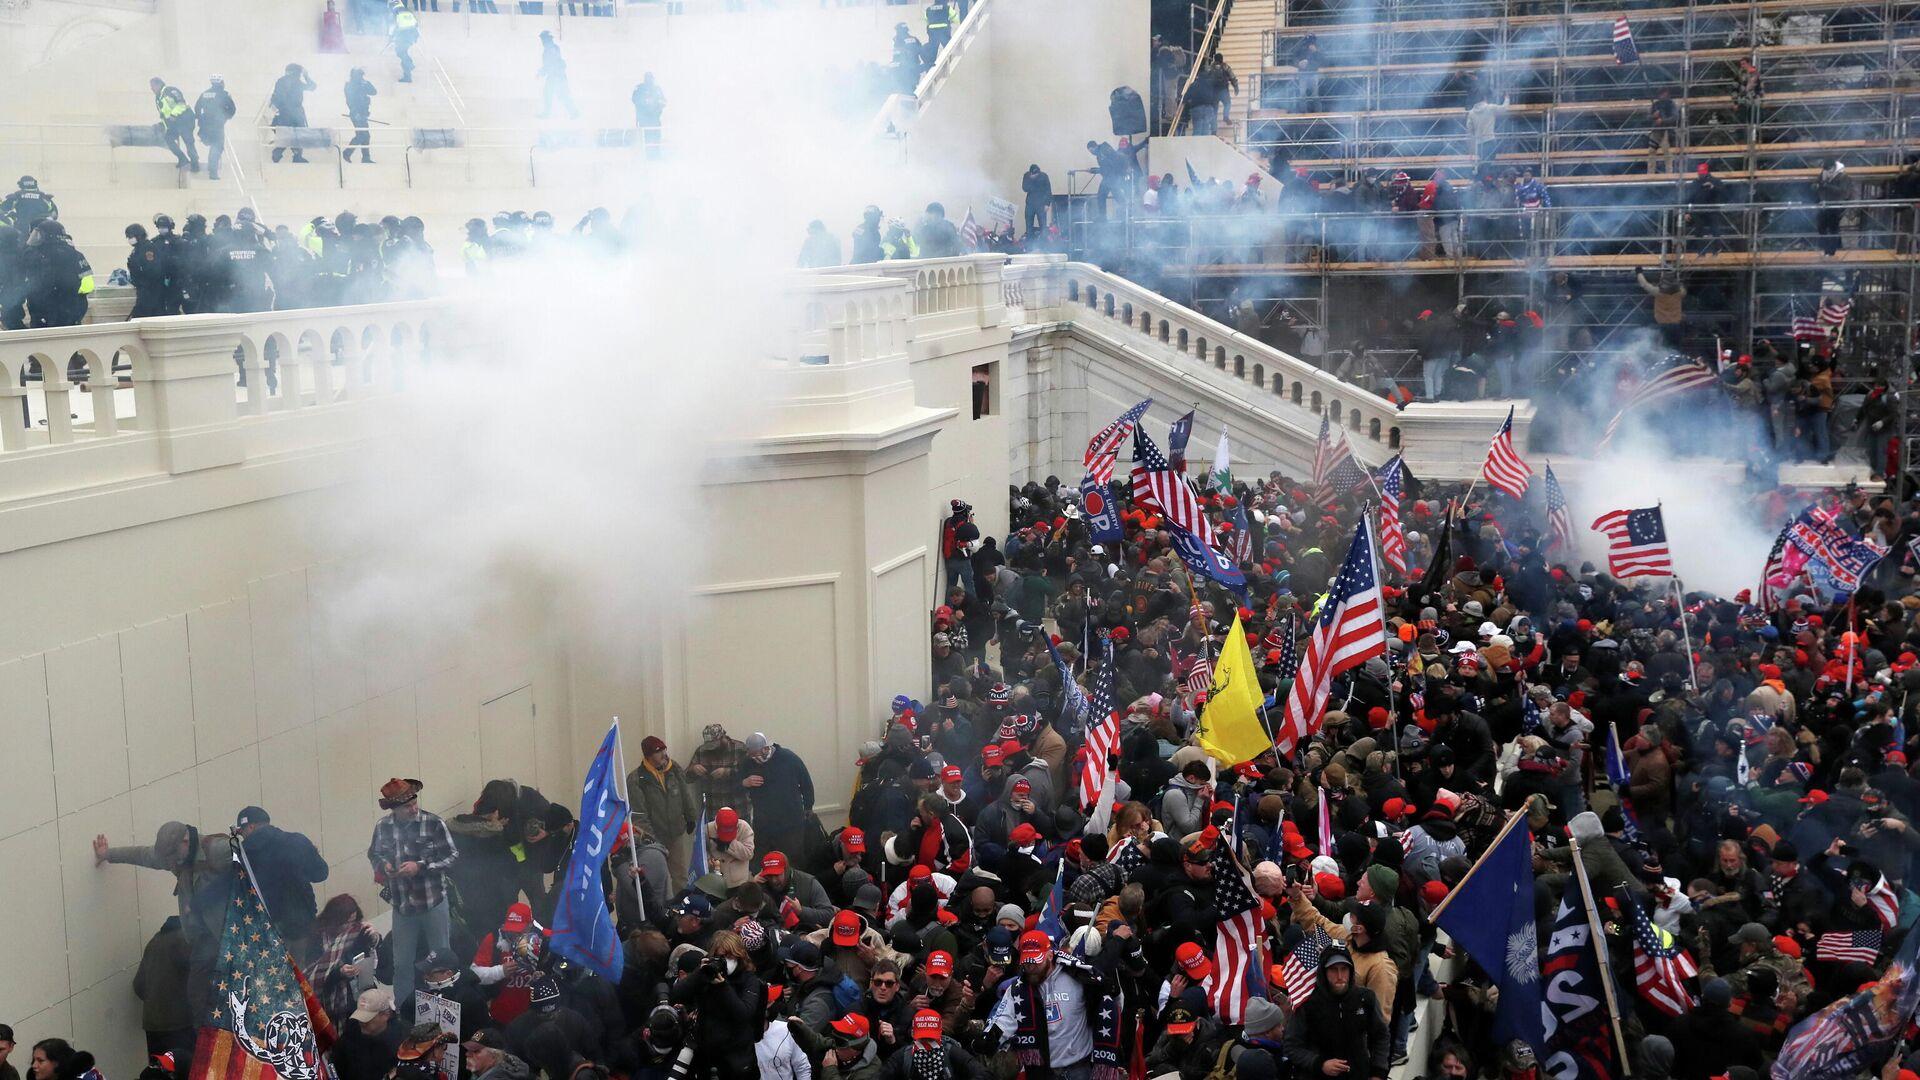 Акция протеста сторонников Дональда Трампа в Вашингтоне - РИА Новости, 1920, 18.01.2021